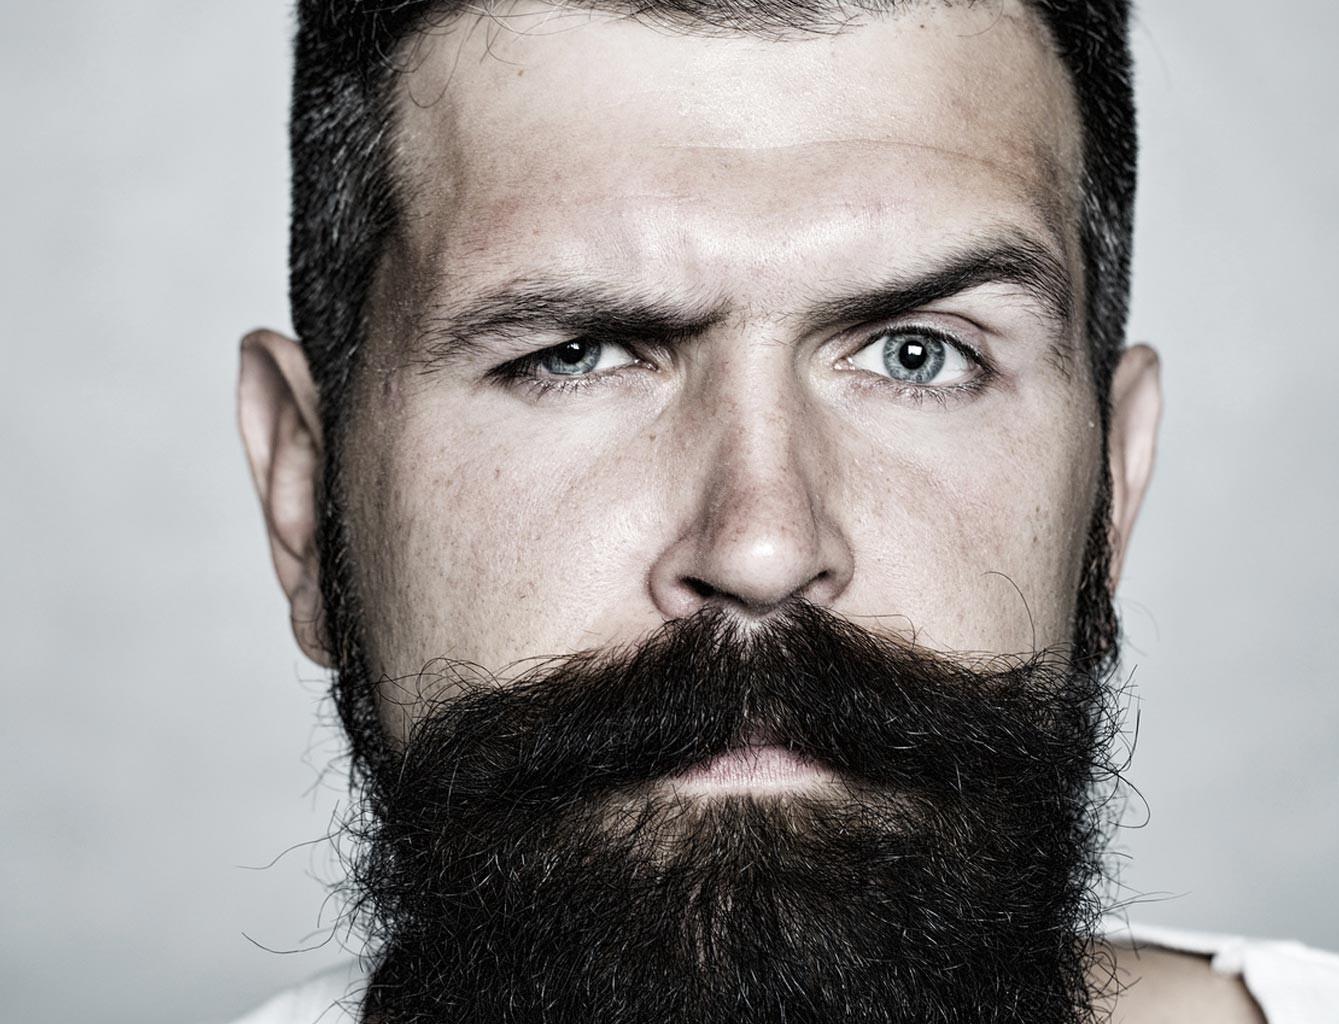 comment faire pousser la barbe sur les joues. Black Bedroom Furniture Sets. Home Design Ideas